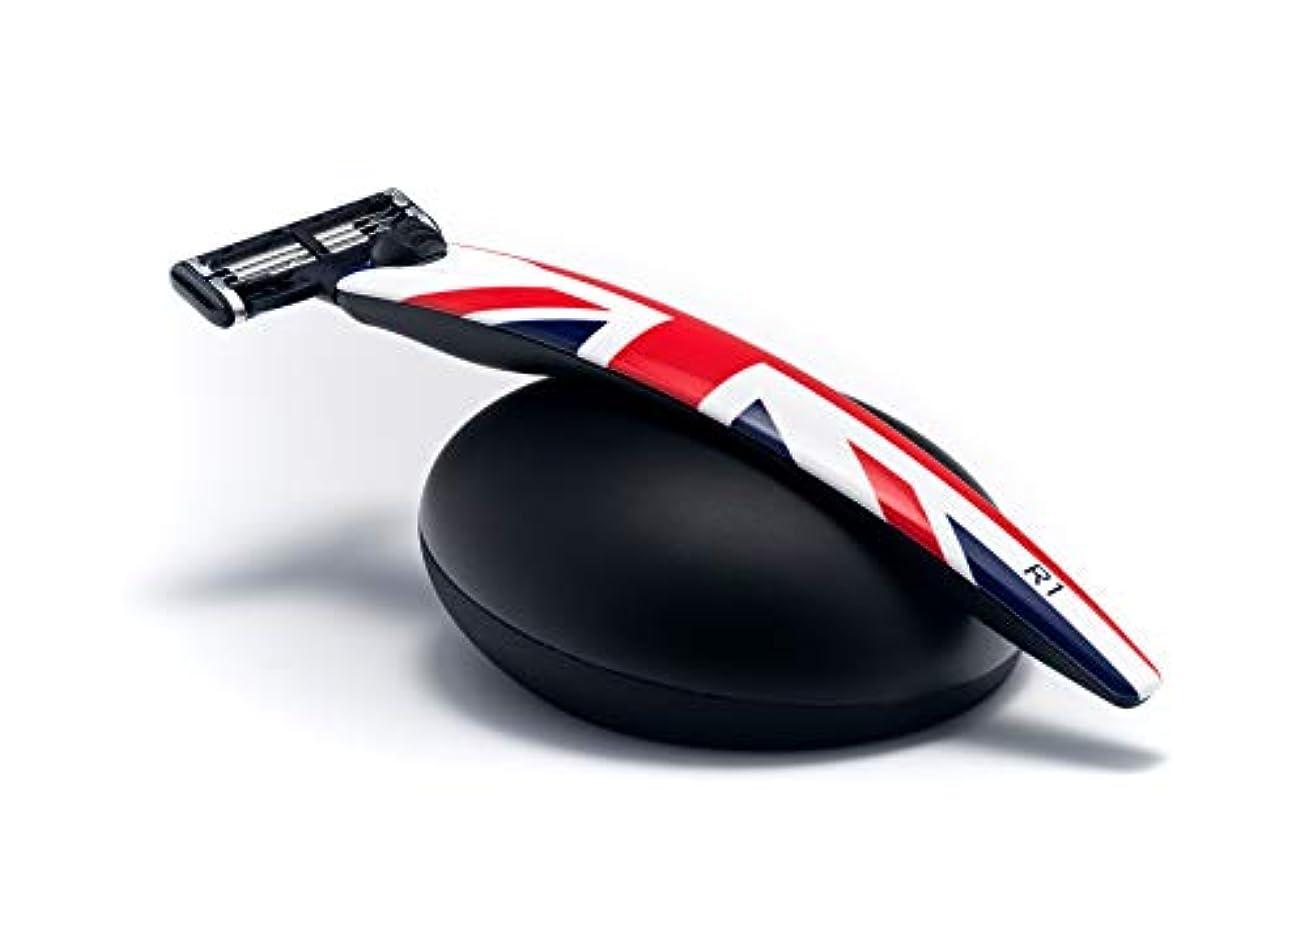 パントリー省略大胆イギリス BolinWebb カミソリ 名車と同じ塗装を施した プレミアムシェーバー R1 Jack ギフトセット モデル 替刃はジレット 3枚刃 マッハ3 に対応